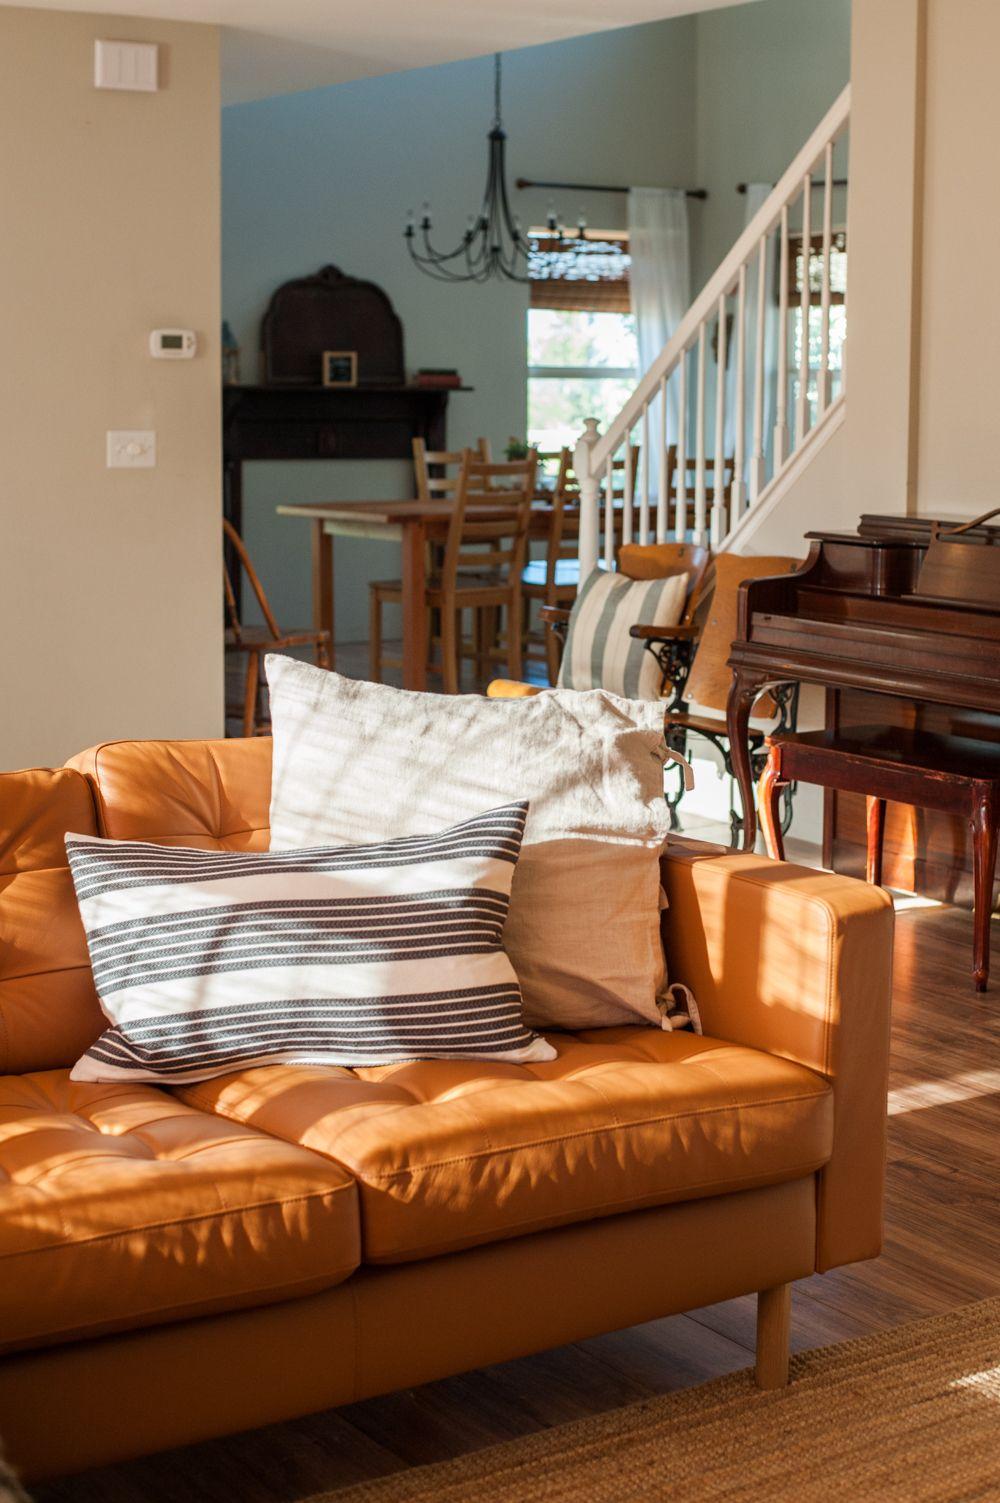 ikea leather sofa living room